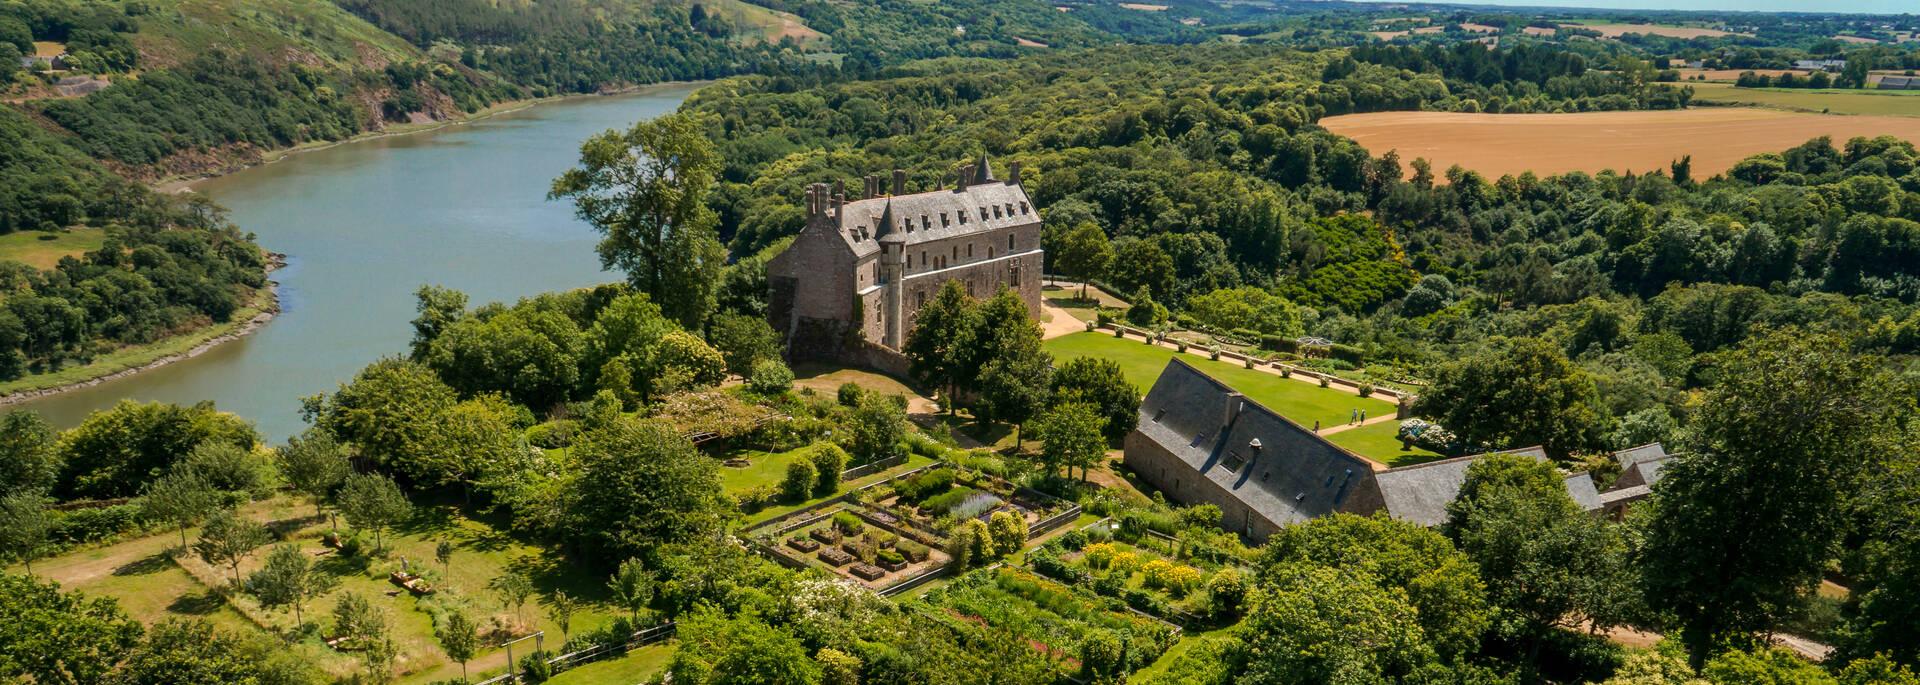 Domaine départemental du Château de La Roche-Jagu ©Chimair